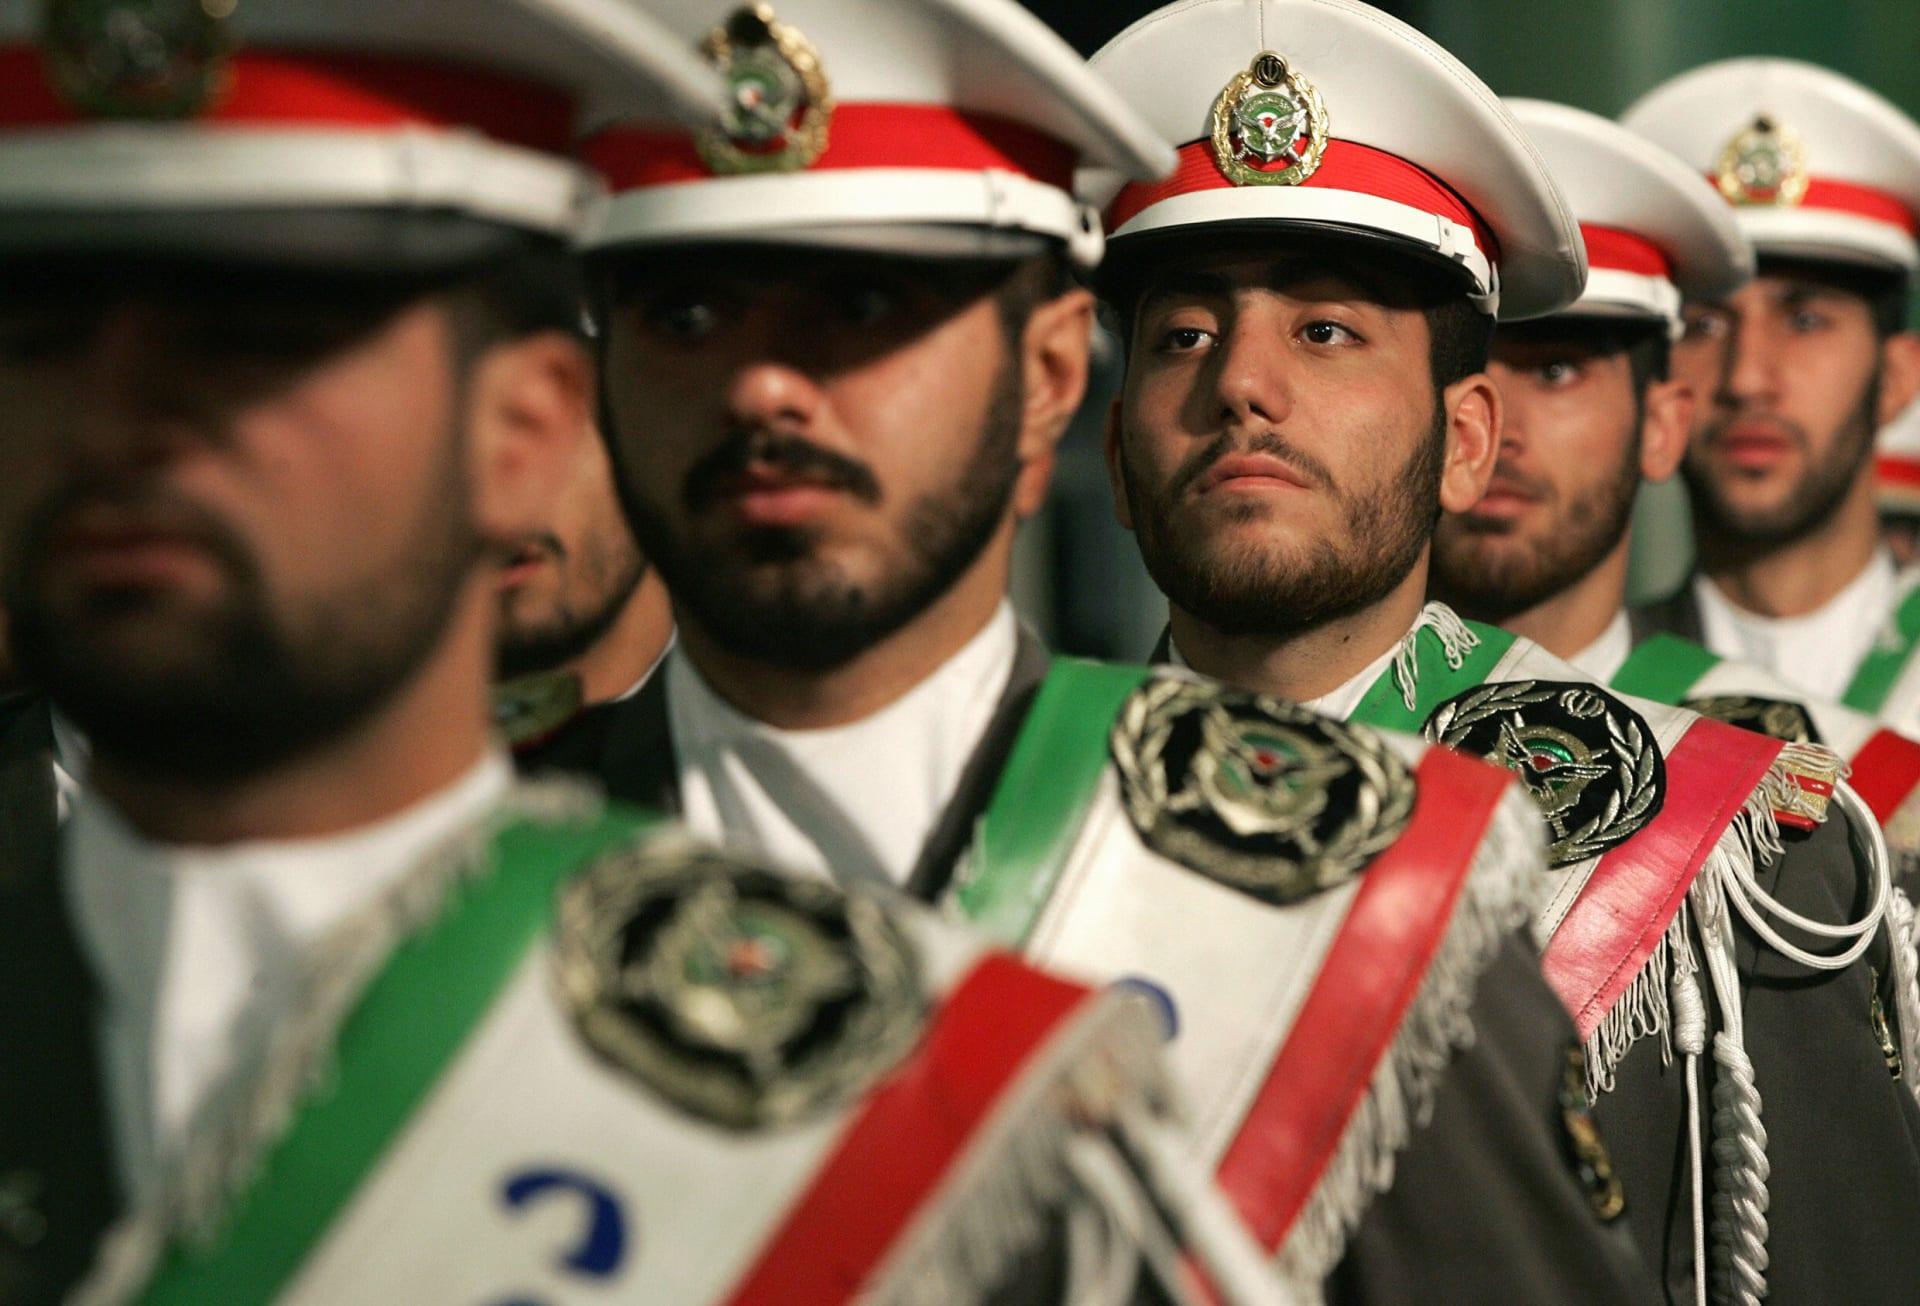 """إيران ترد على إعلان السعودية القبض على خلية تدربت بمعسكرات الحرس الثوري: """"مسرحية تافهة"""""""